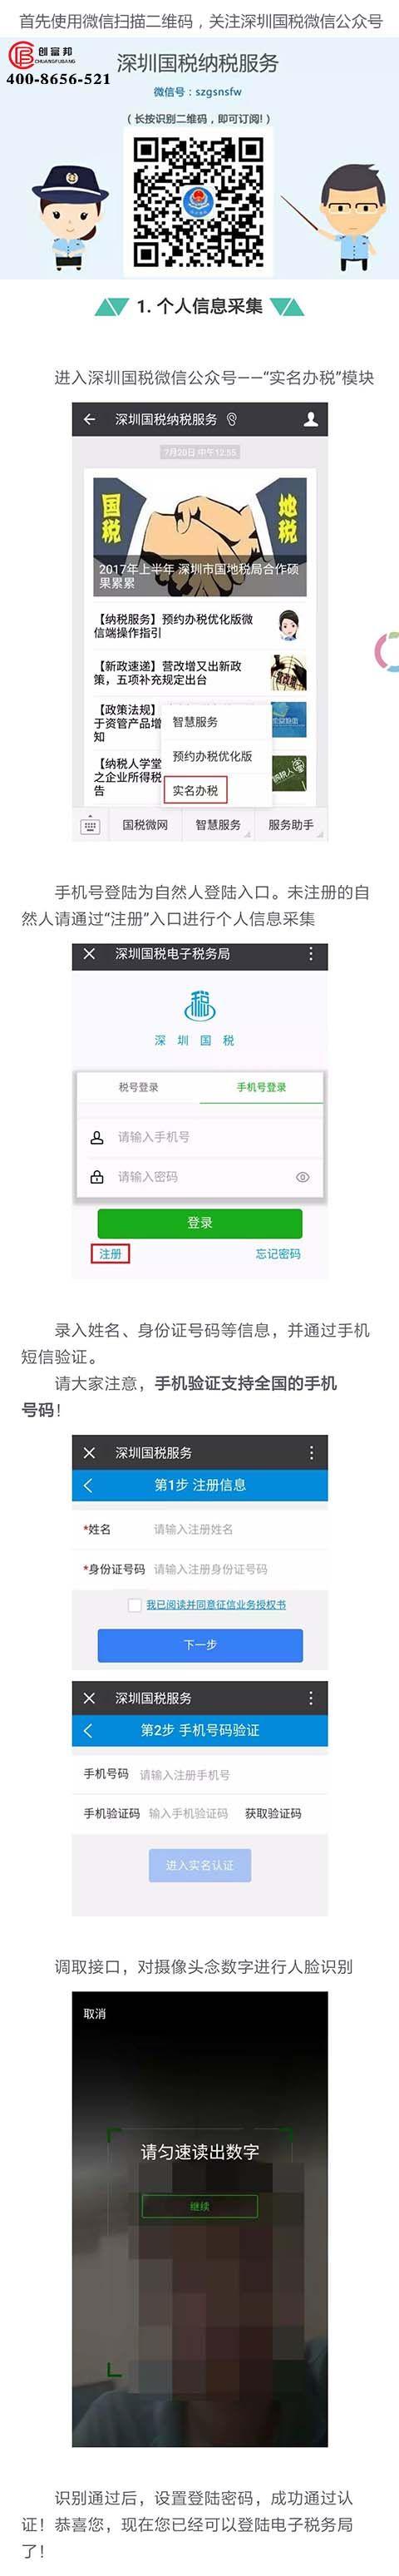 深圳税务实名认证步骤详解